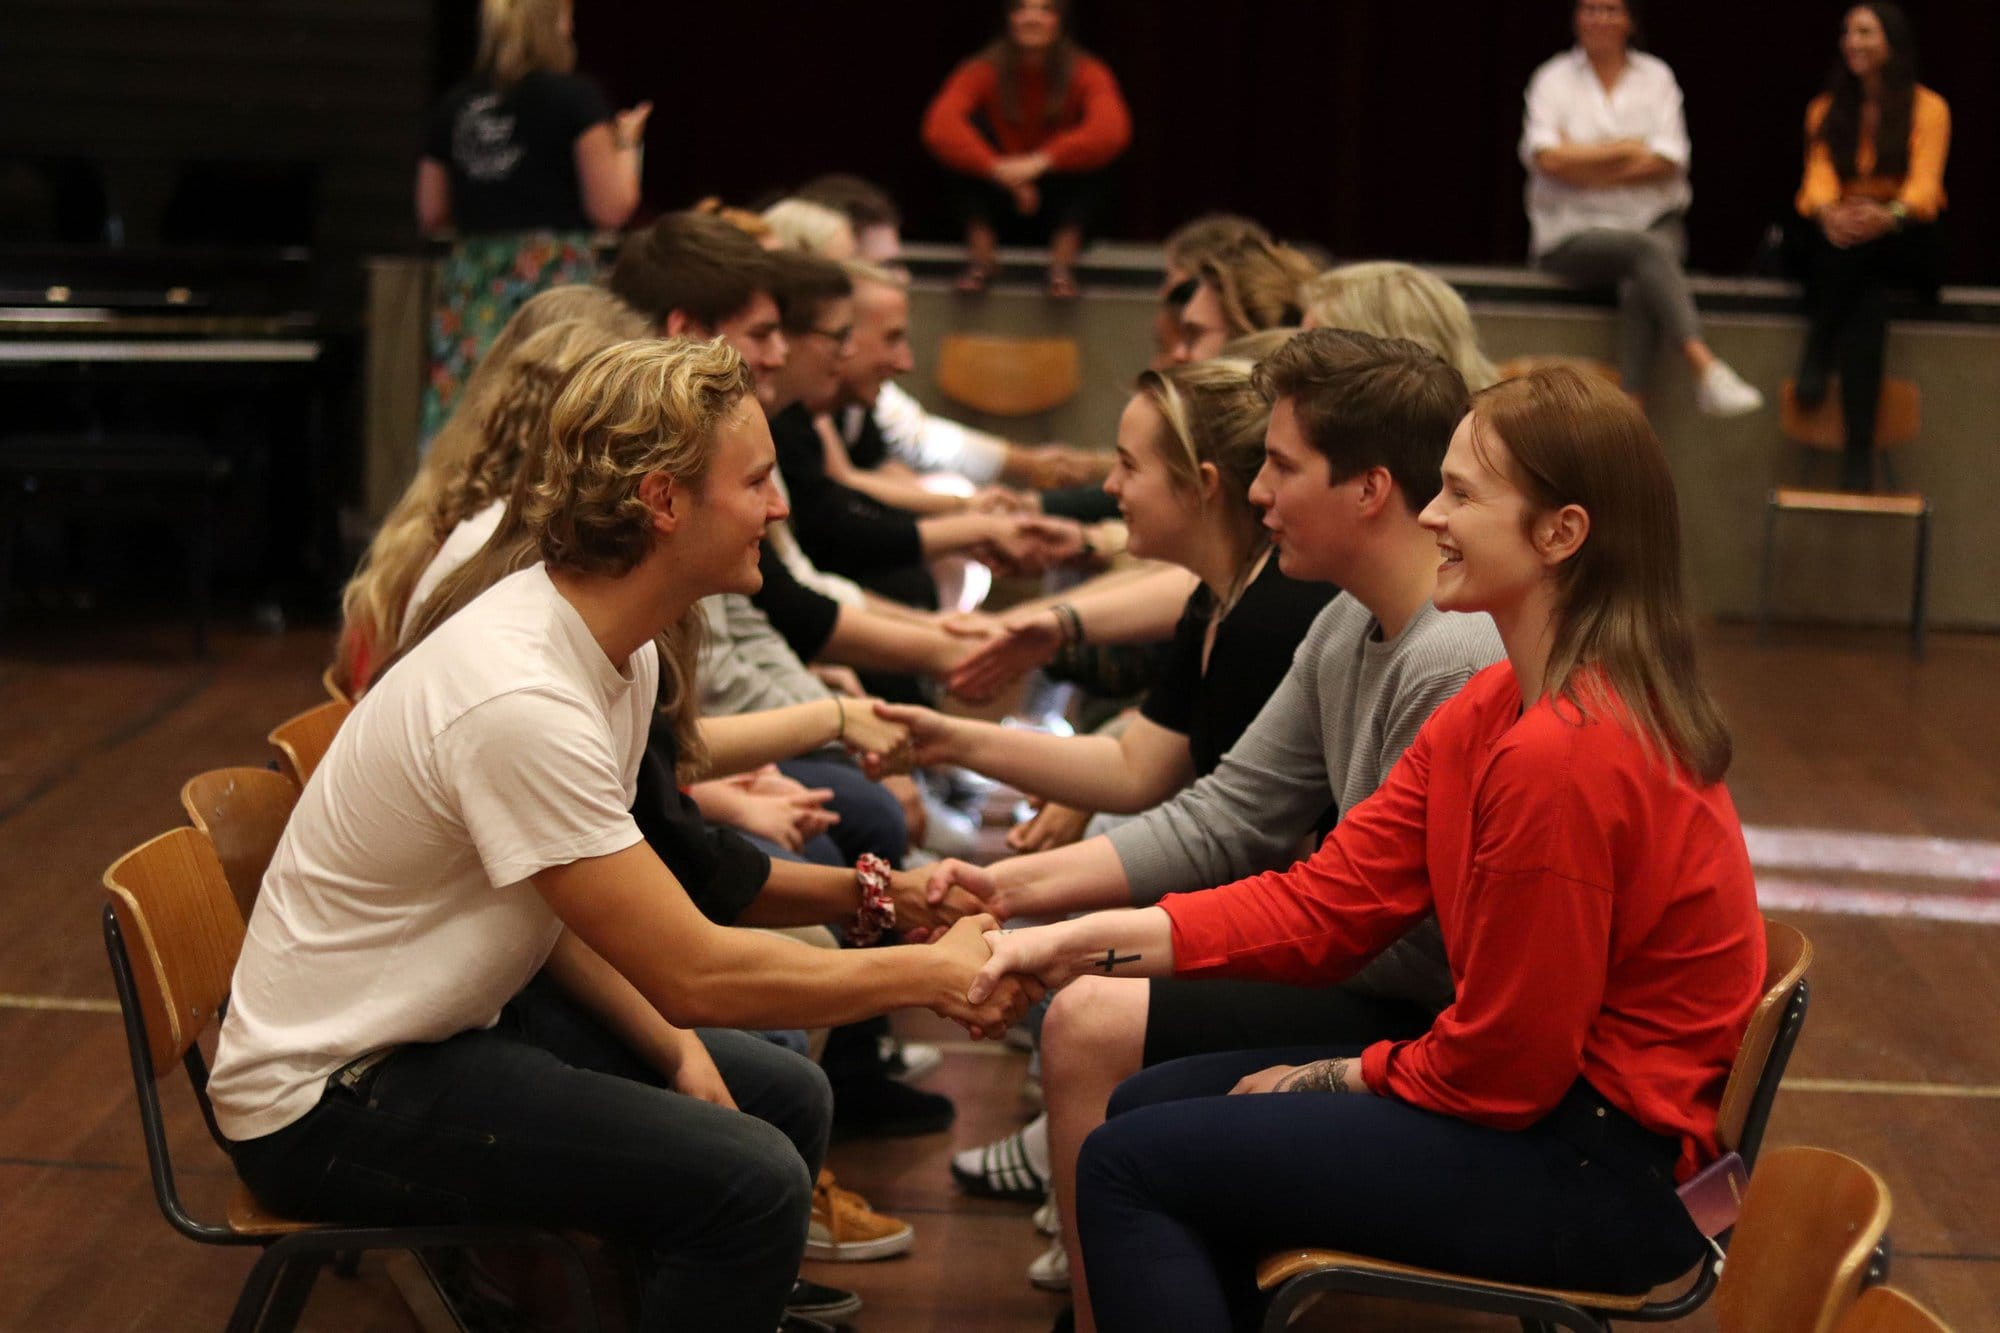 Møt-mange-nye-venner-på-Jæren-folkehøgskule